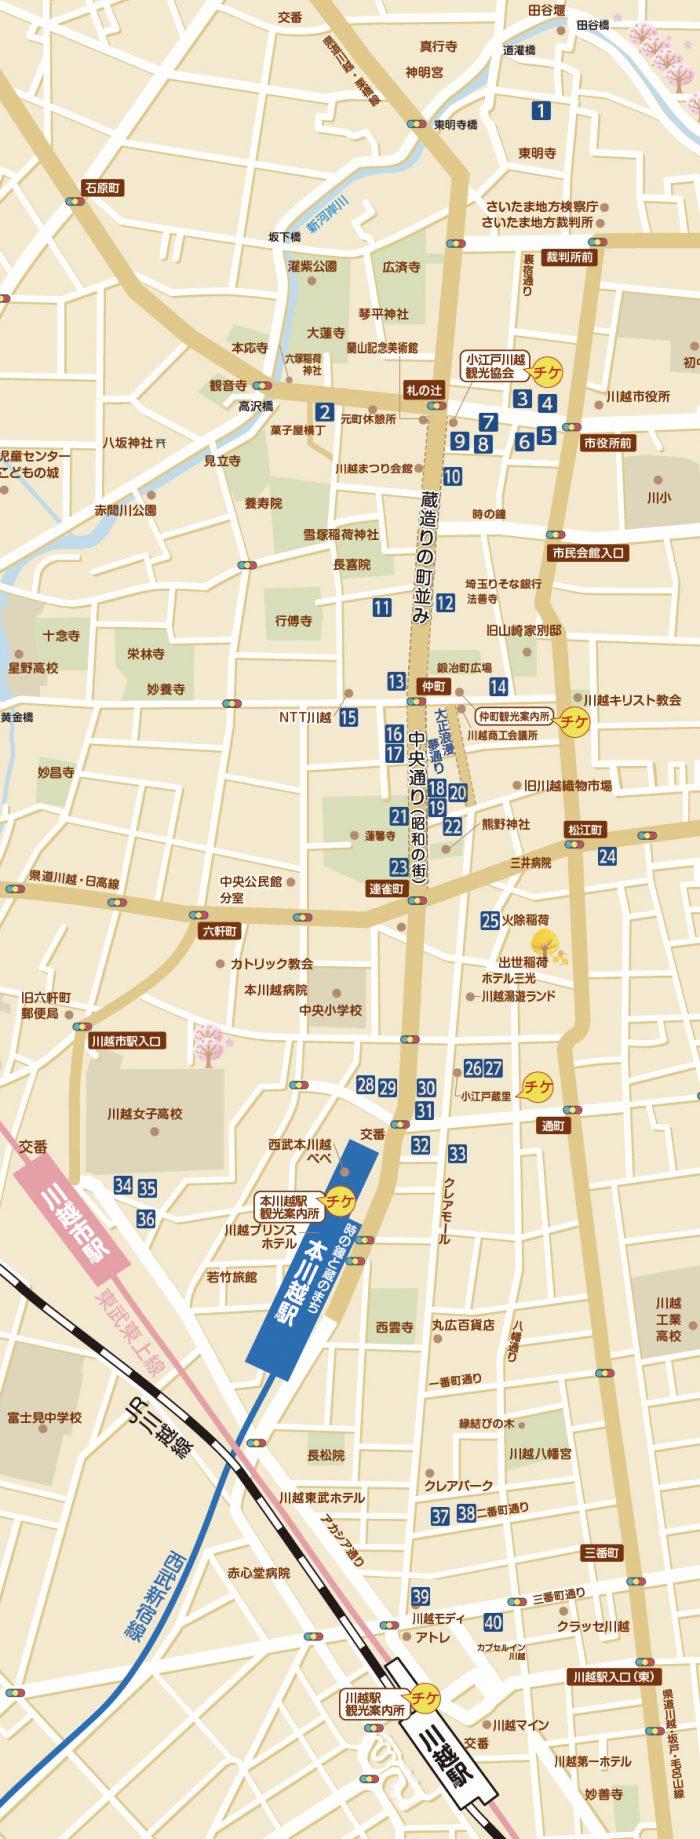 蔵まちバル8店舗マップ